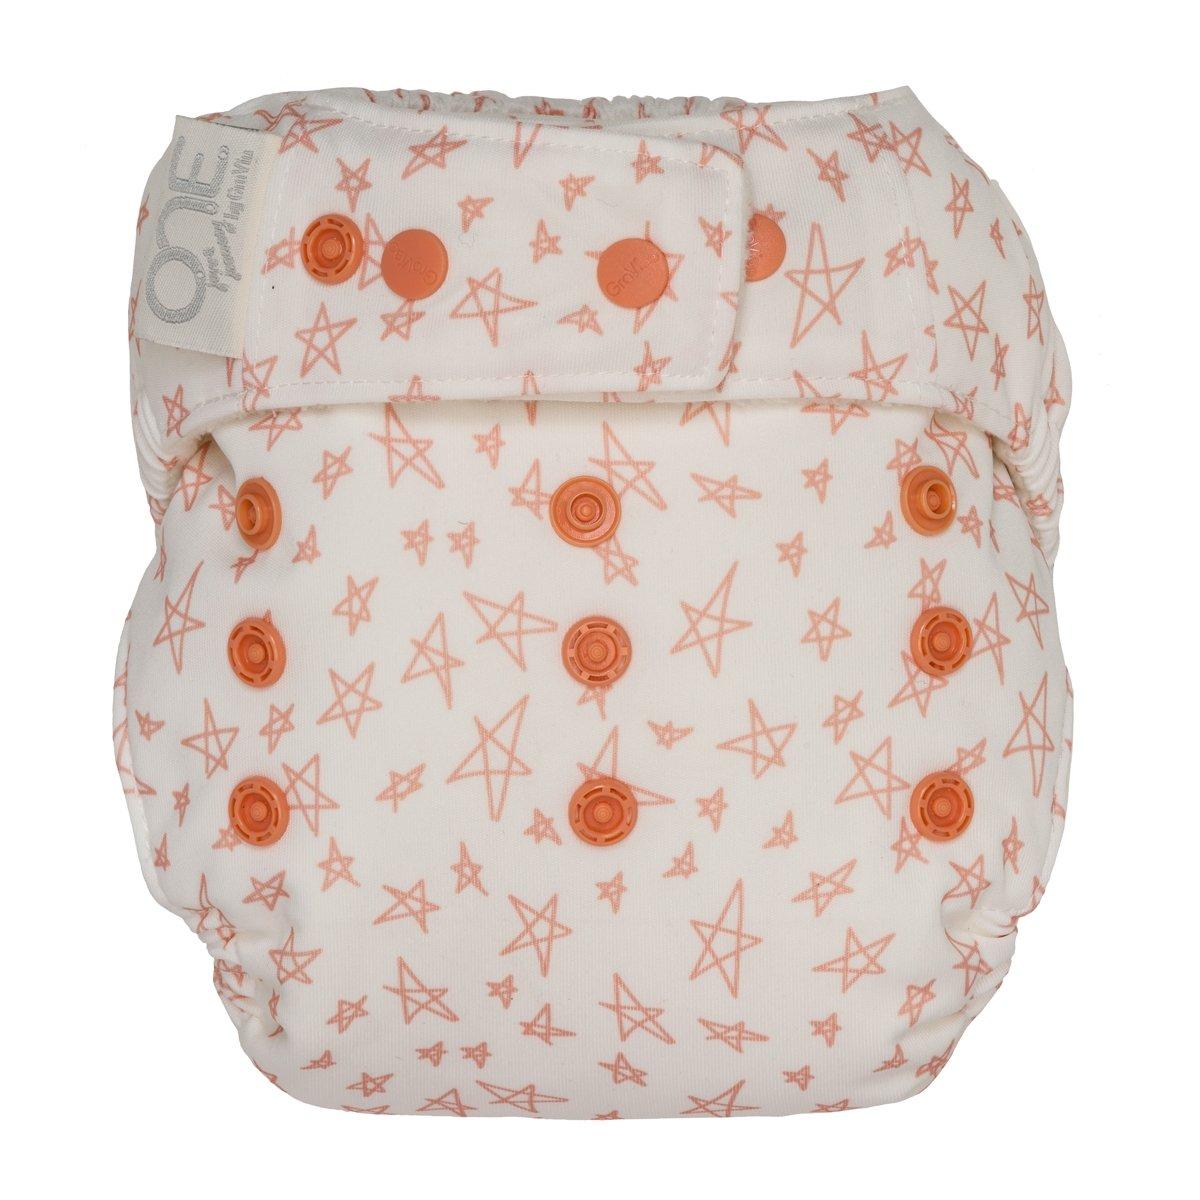 GroVia One Size Cloth Diaper Shell Set -  Grapefruit Stars